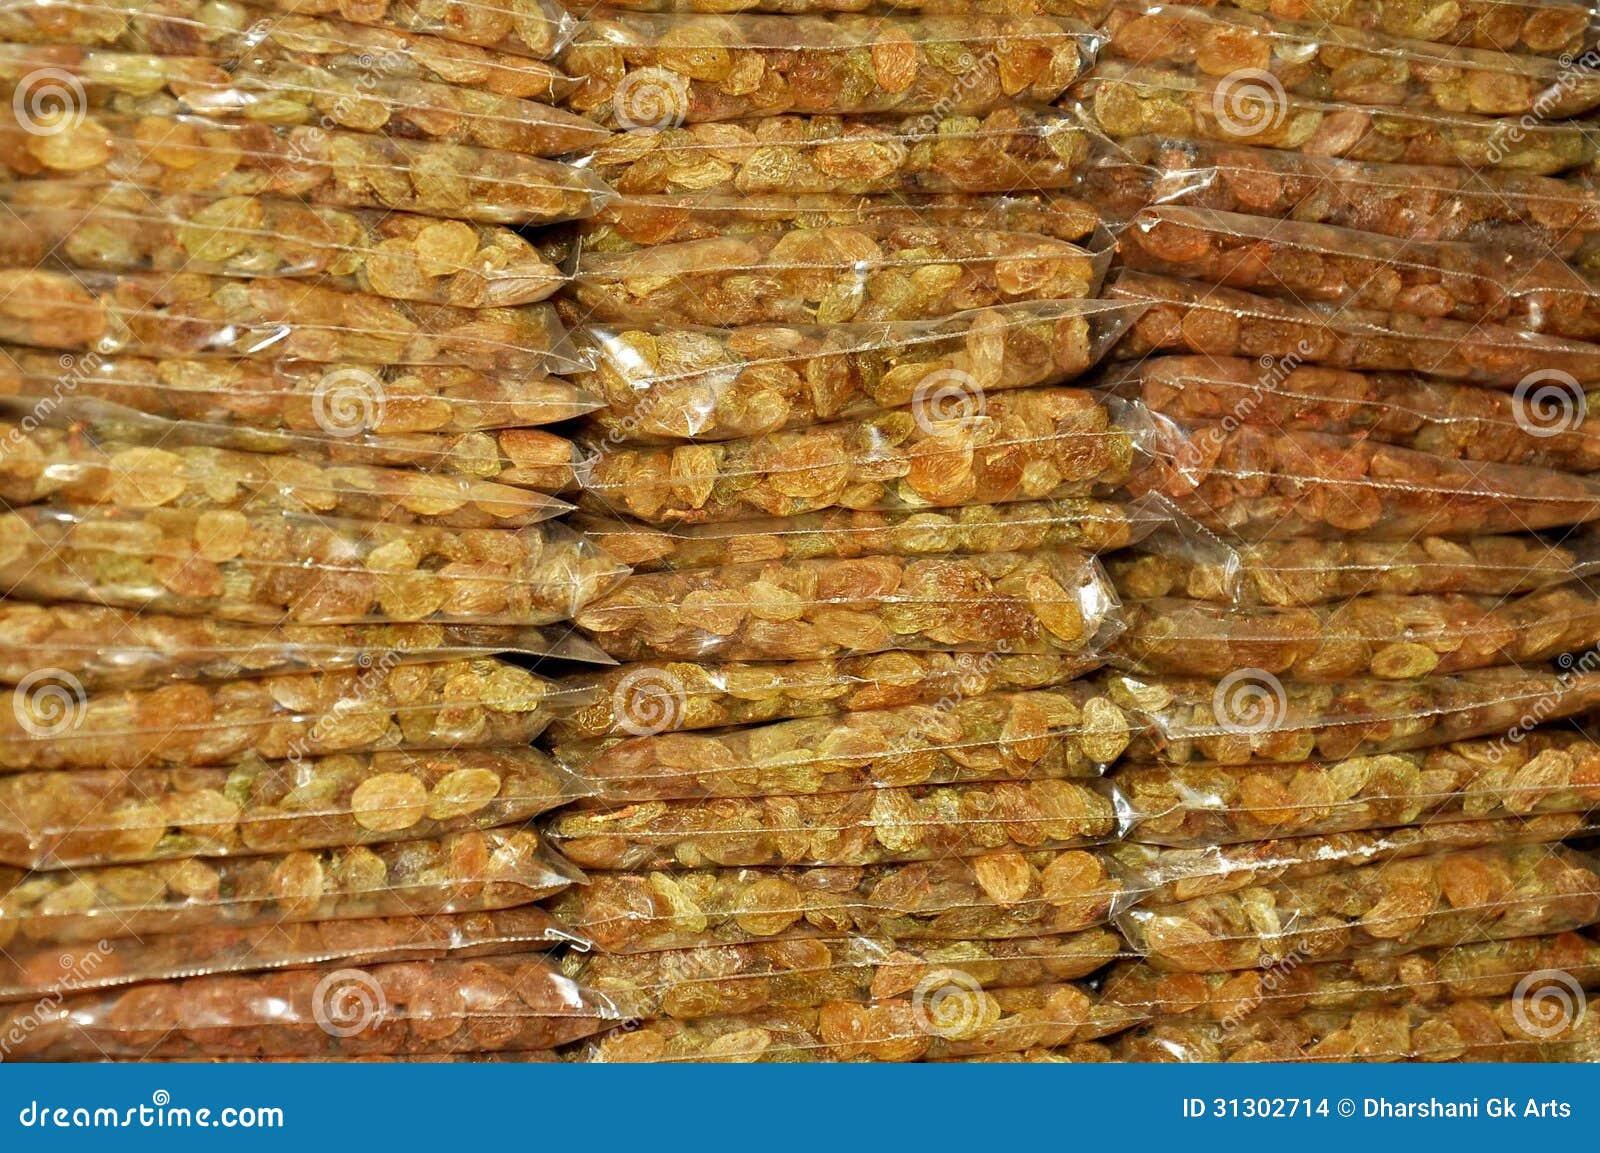 kismis fruits stock photo image of broken protein pack 31302714. Black Bedroom Furniture Sets. Home Design Ideas